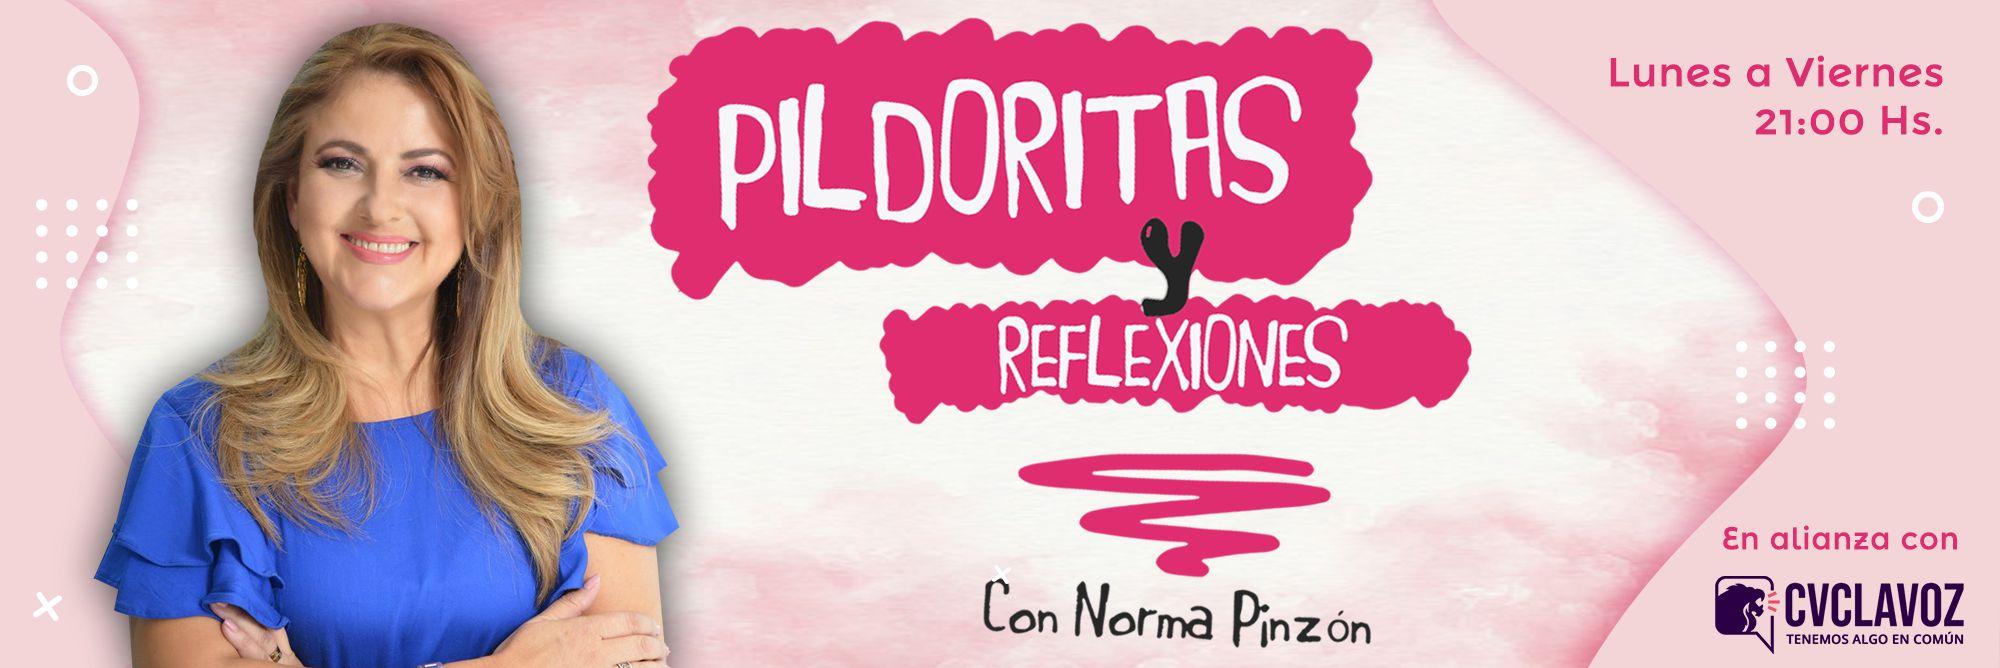 PORTADA WEB PILDORITAS